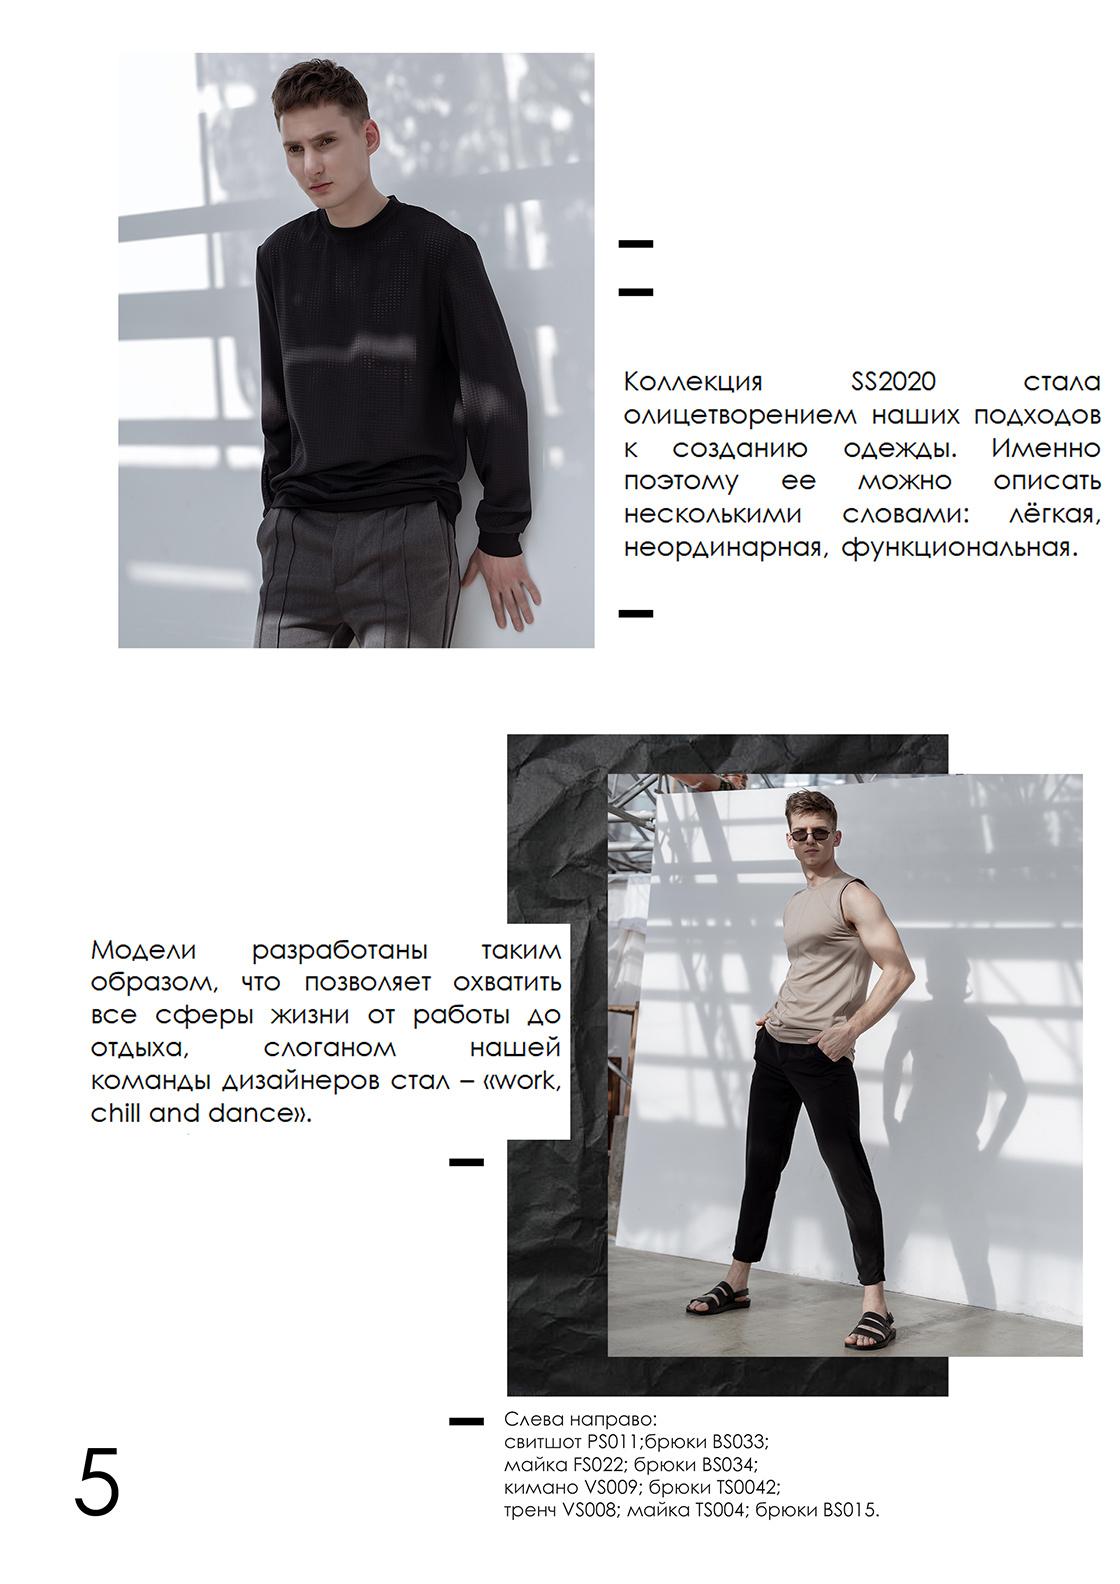 Коллекция SS2020 стала олицетворением наших подходов к созданию одежды. Именно поэтому ее можно описать несколькими словами: лёгкая, неординарная, функциональная.